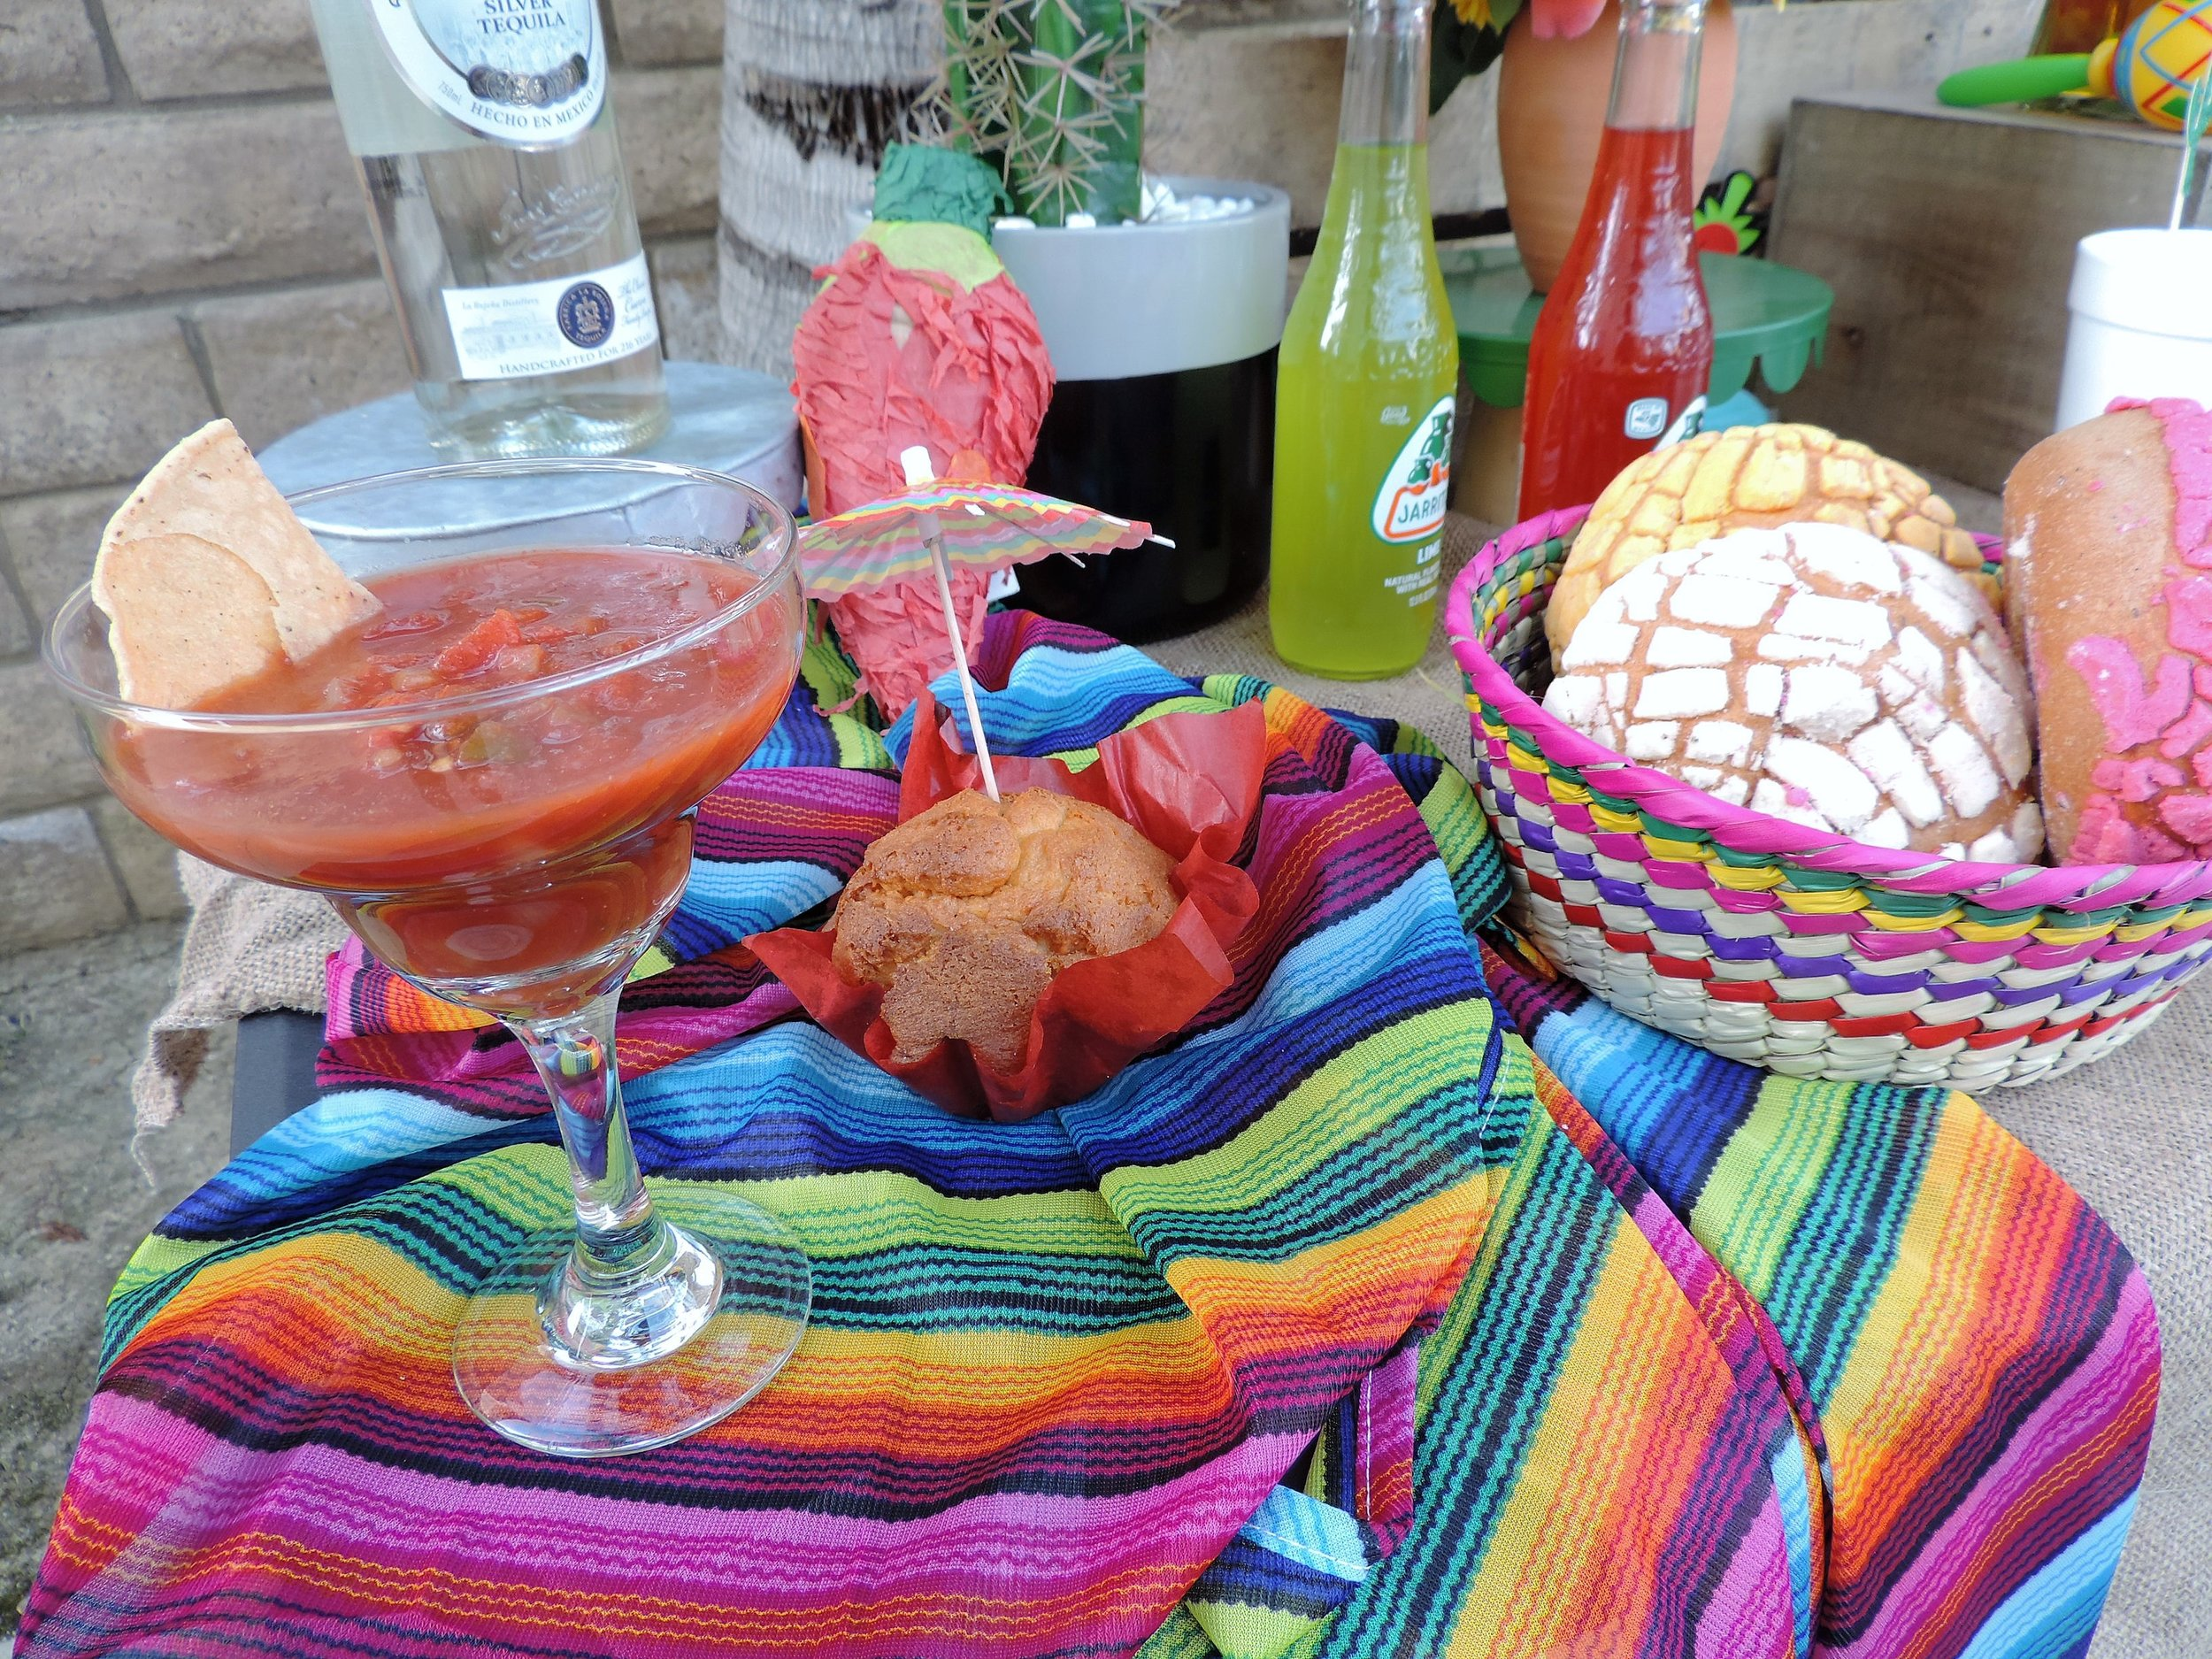 Fiesta Salsa Party-Tequila Party Table-Cinco De Mayo Party-Tequila Party-Fiesta Party-Fiesta Drink Table-Tequila Party Ideas-Drinko De Mayo-Cinco De Mayo Party Idea-Mexican Theme Party-Fiesta-Cinco De Mayo Party Ideas and Decor-Taco Party-www.SugarPartiesLA.com